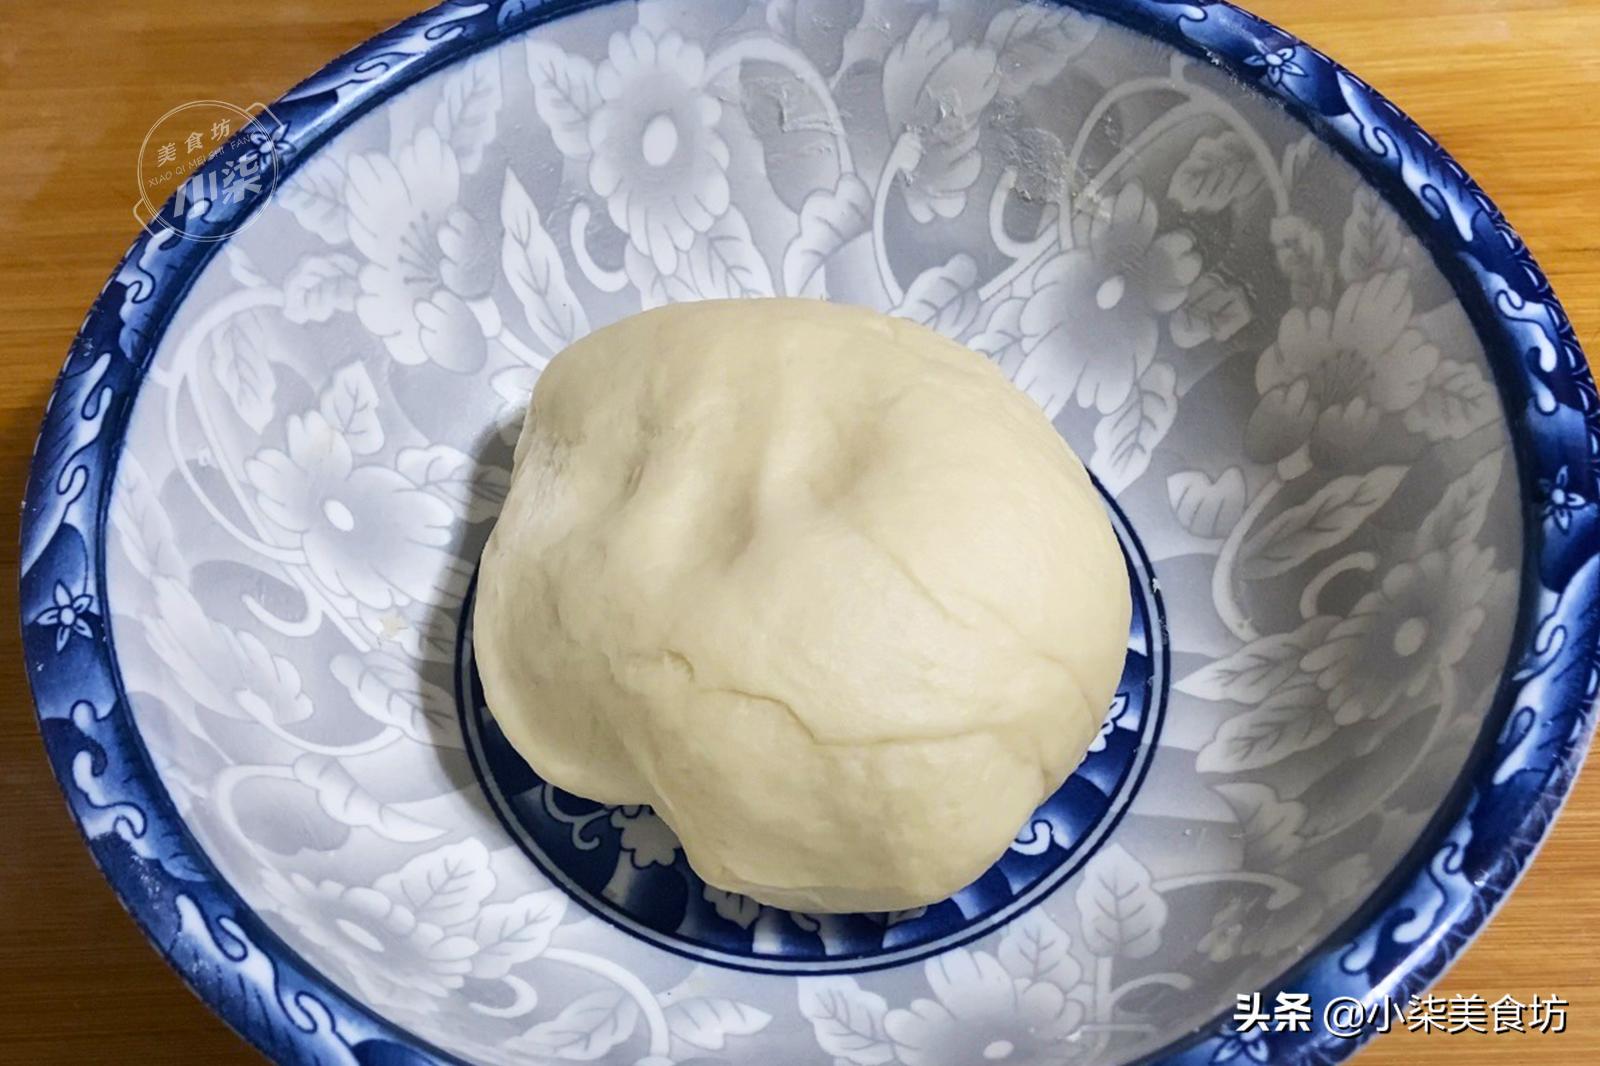 在家自制绿豆小饼,学会不用买,清凉解暑易消化,老人孩子都喜欢